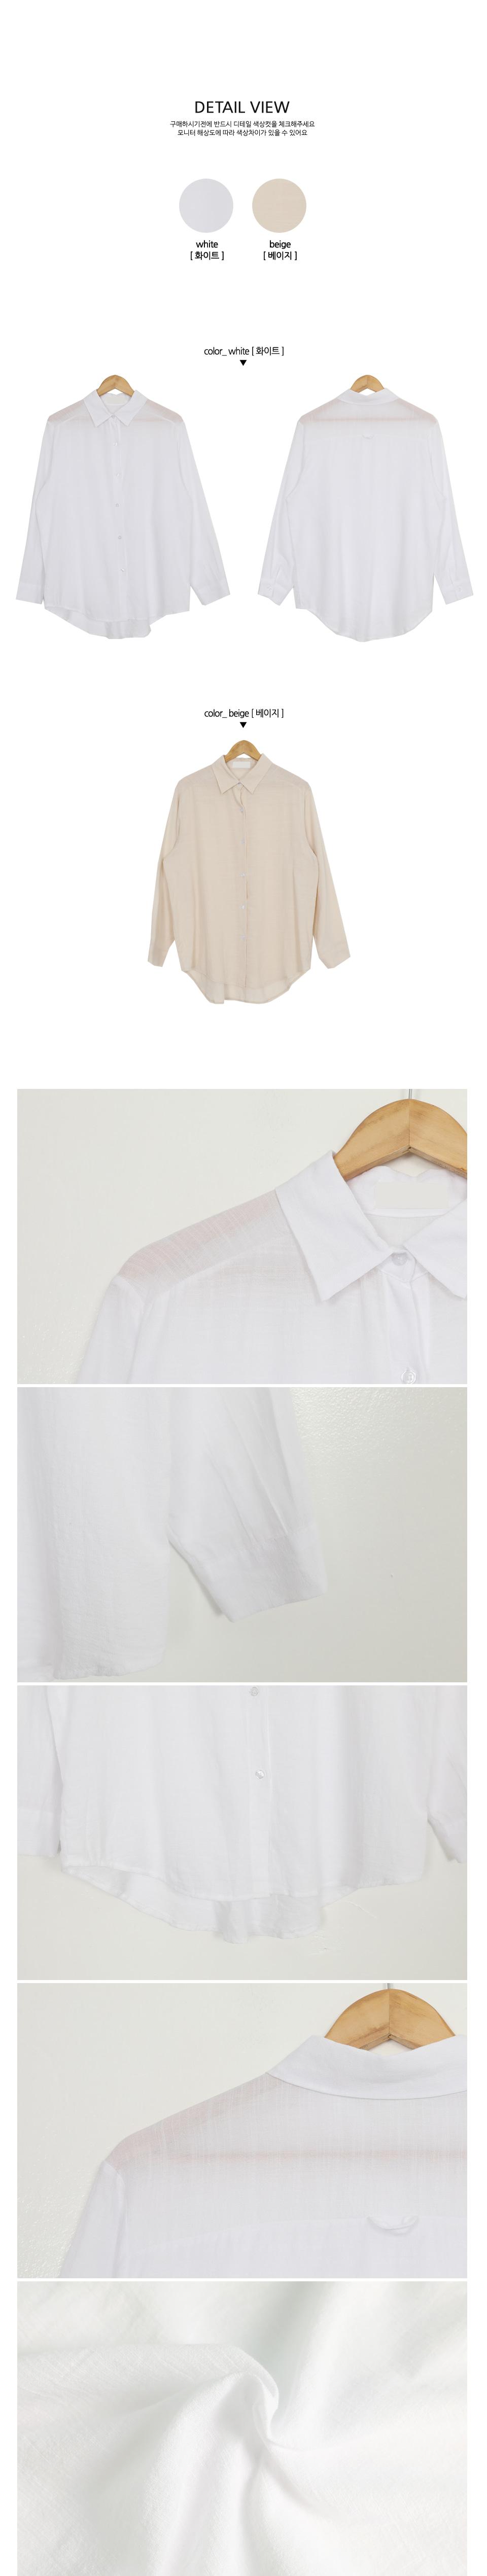 Light white boxer shirt